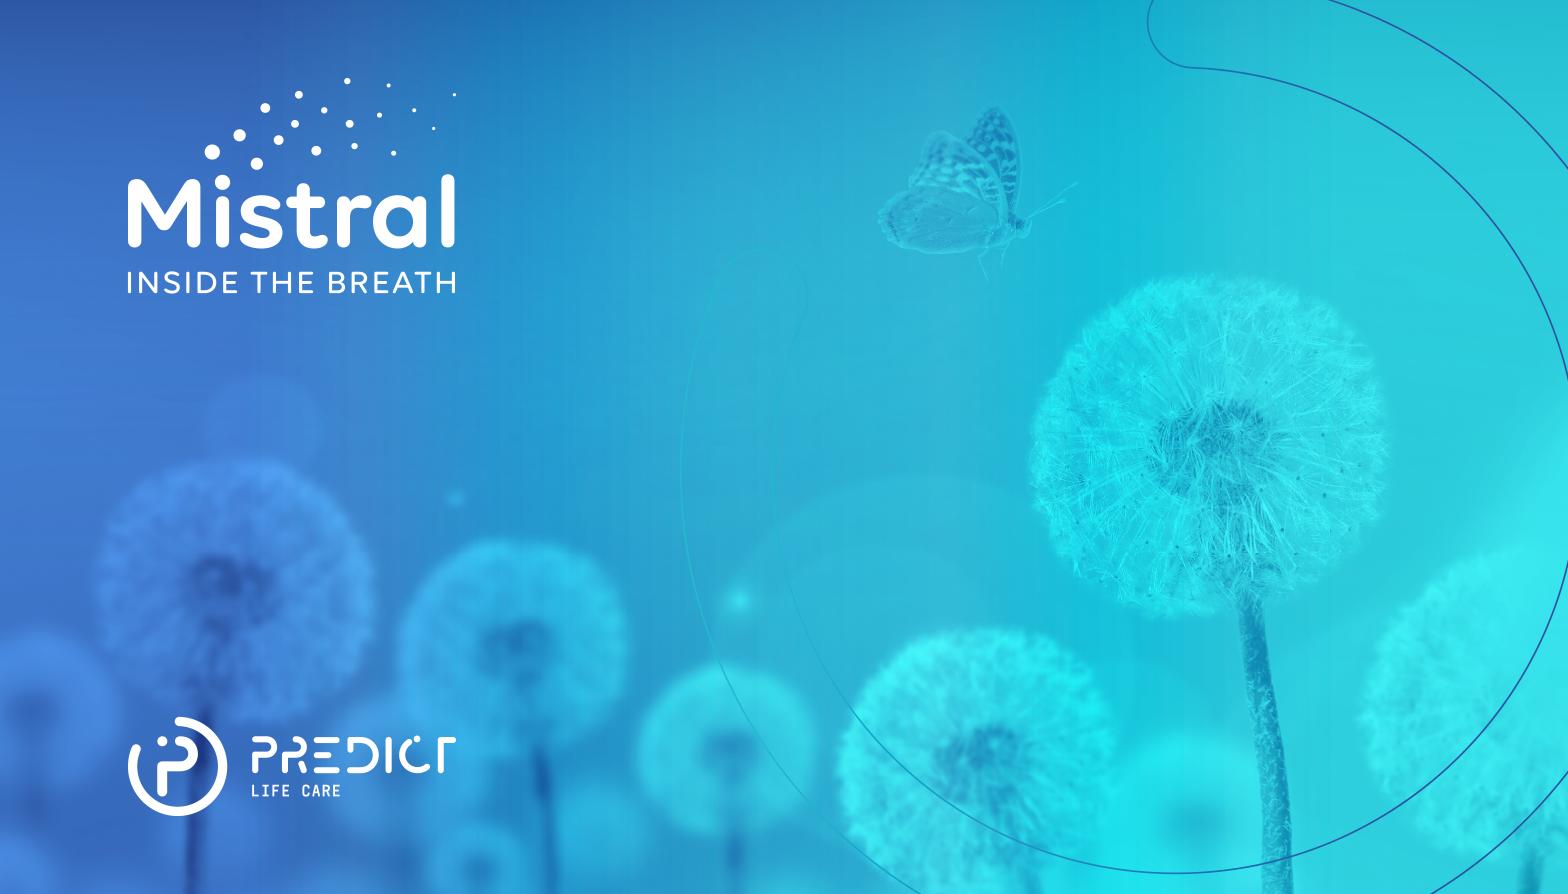 Breath Analysis: un webinar sull'analisi del respiro il 6 ottobre 2021